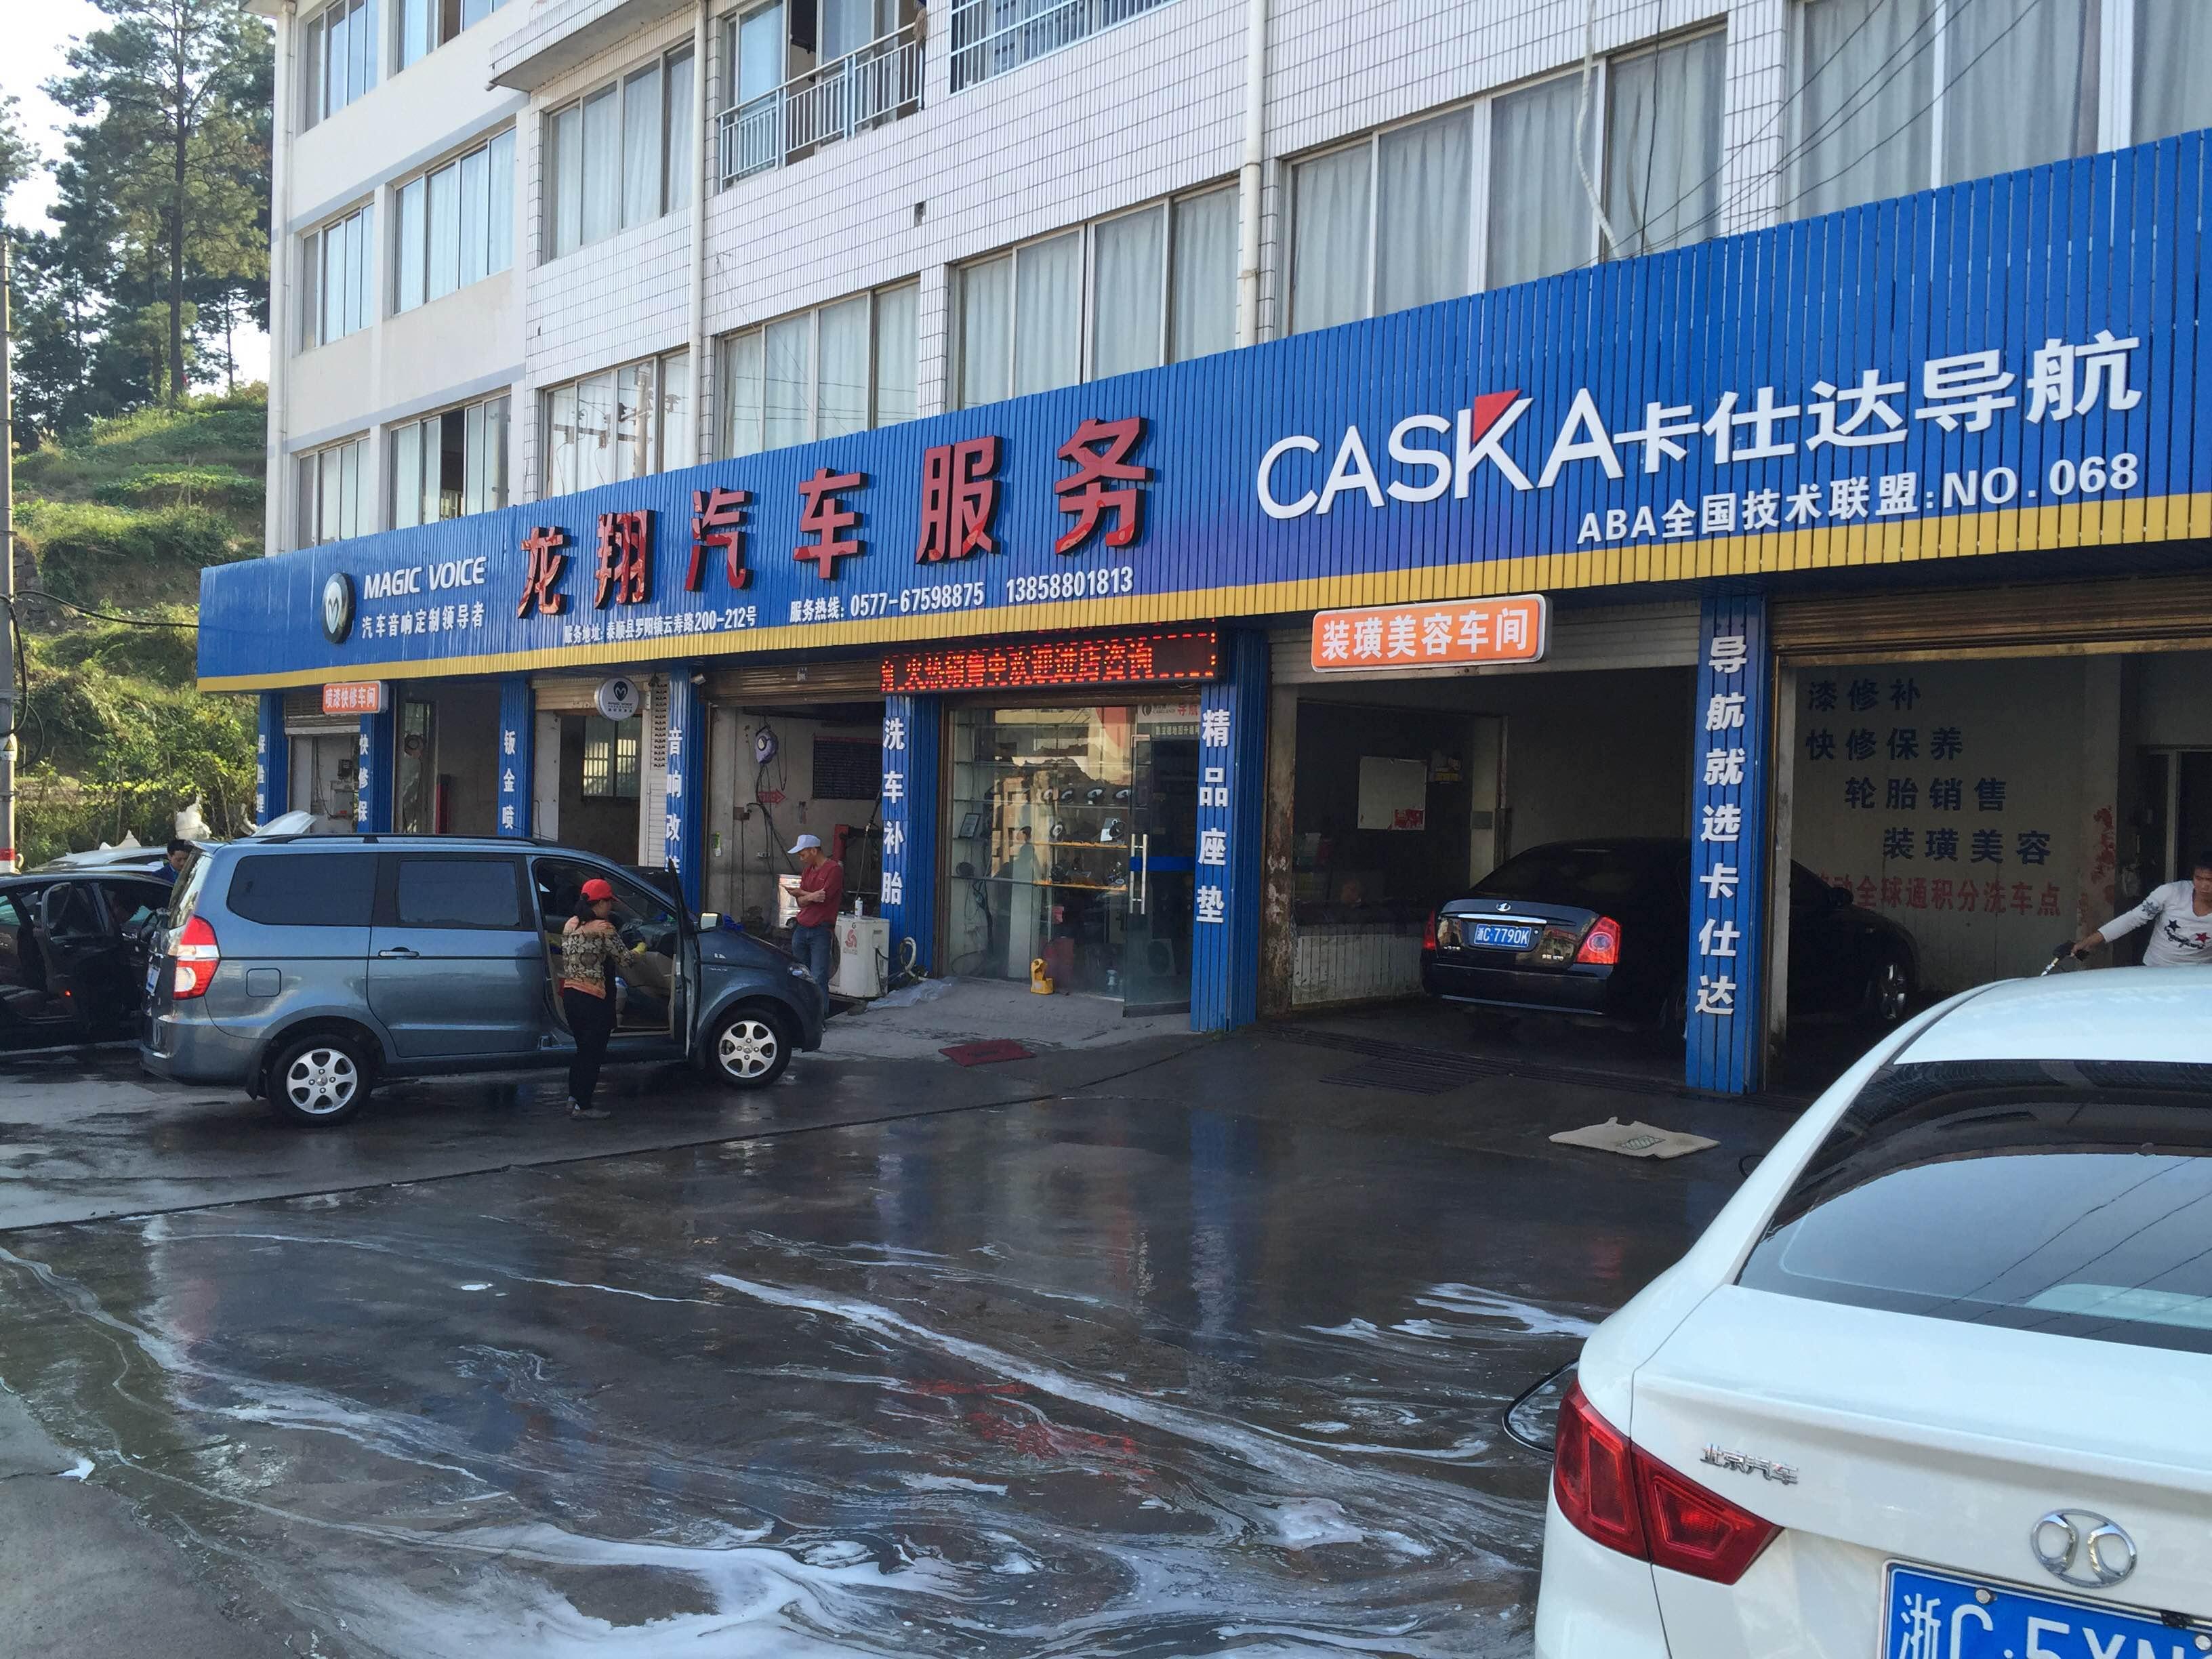 龙翔汽车服务部(授权服务点)